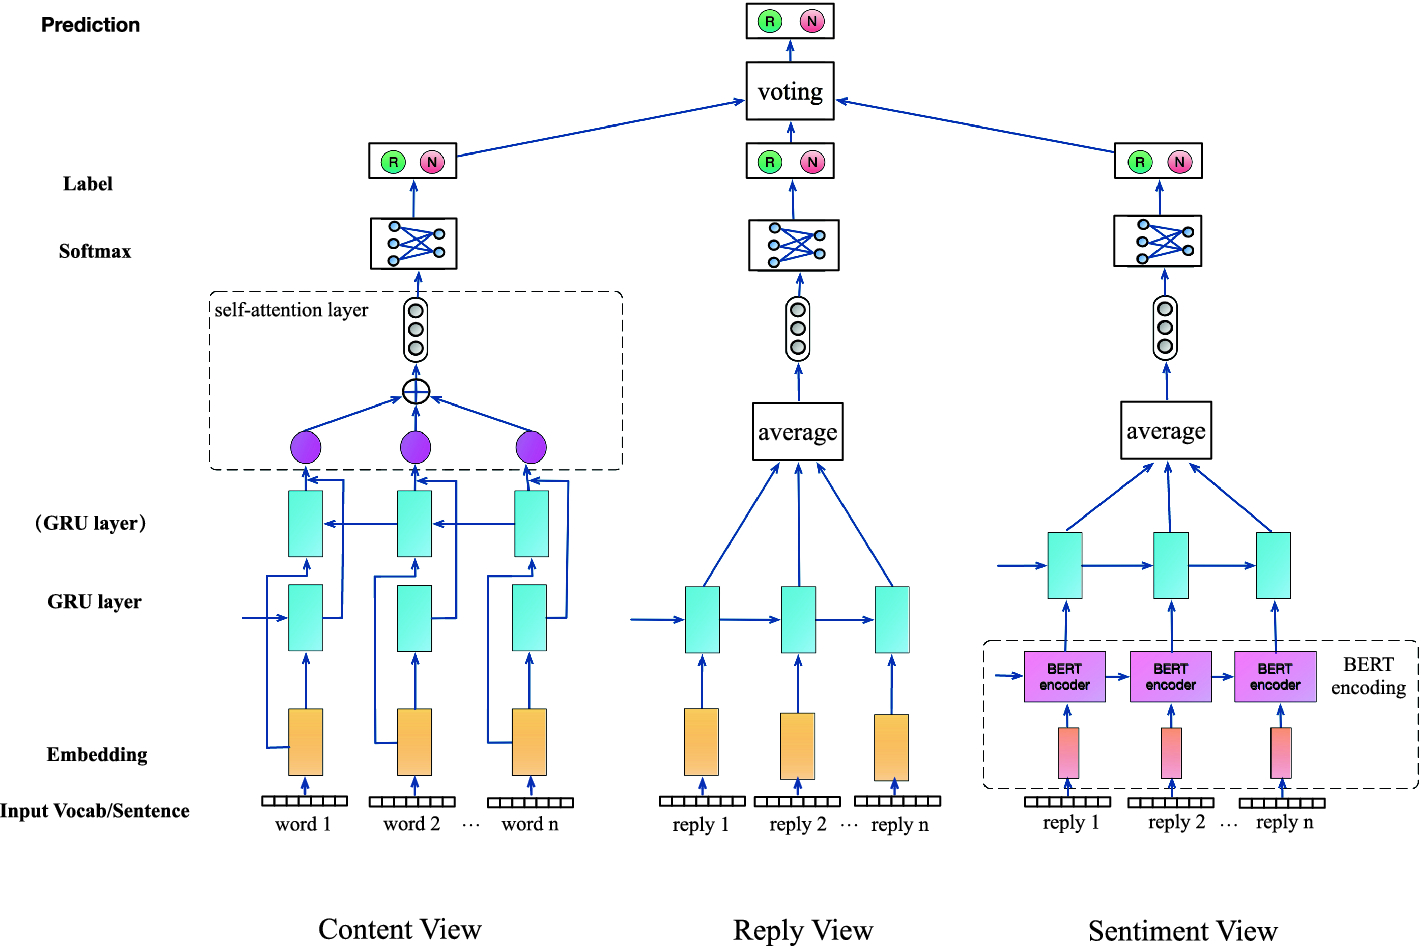 Rumor Detection on Social Media: A Multi-view Model Using